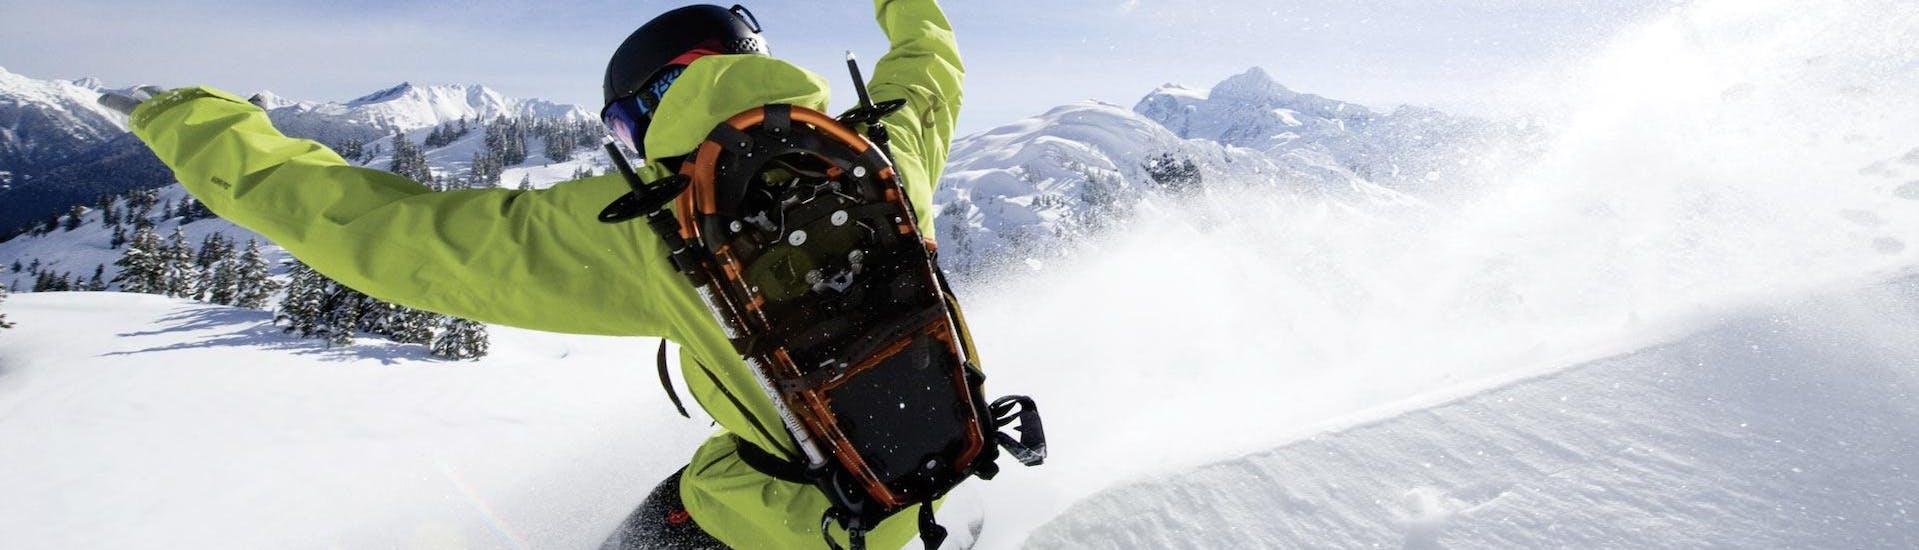 Ein Snowboarder fährt im Tiefschnee während des privaten Snowboardkurses mit der Skischule Ruhpolding.